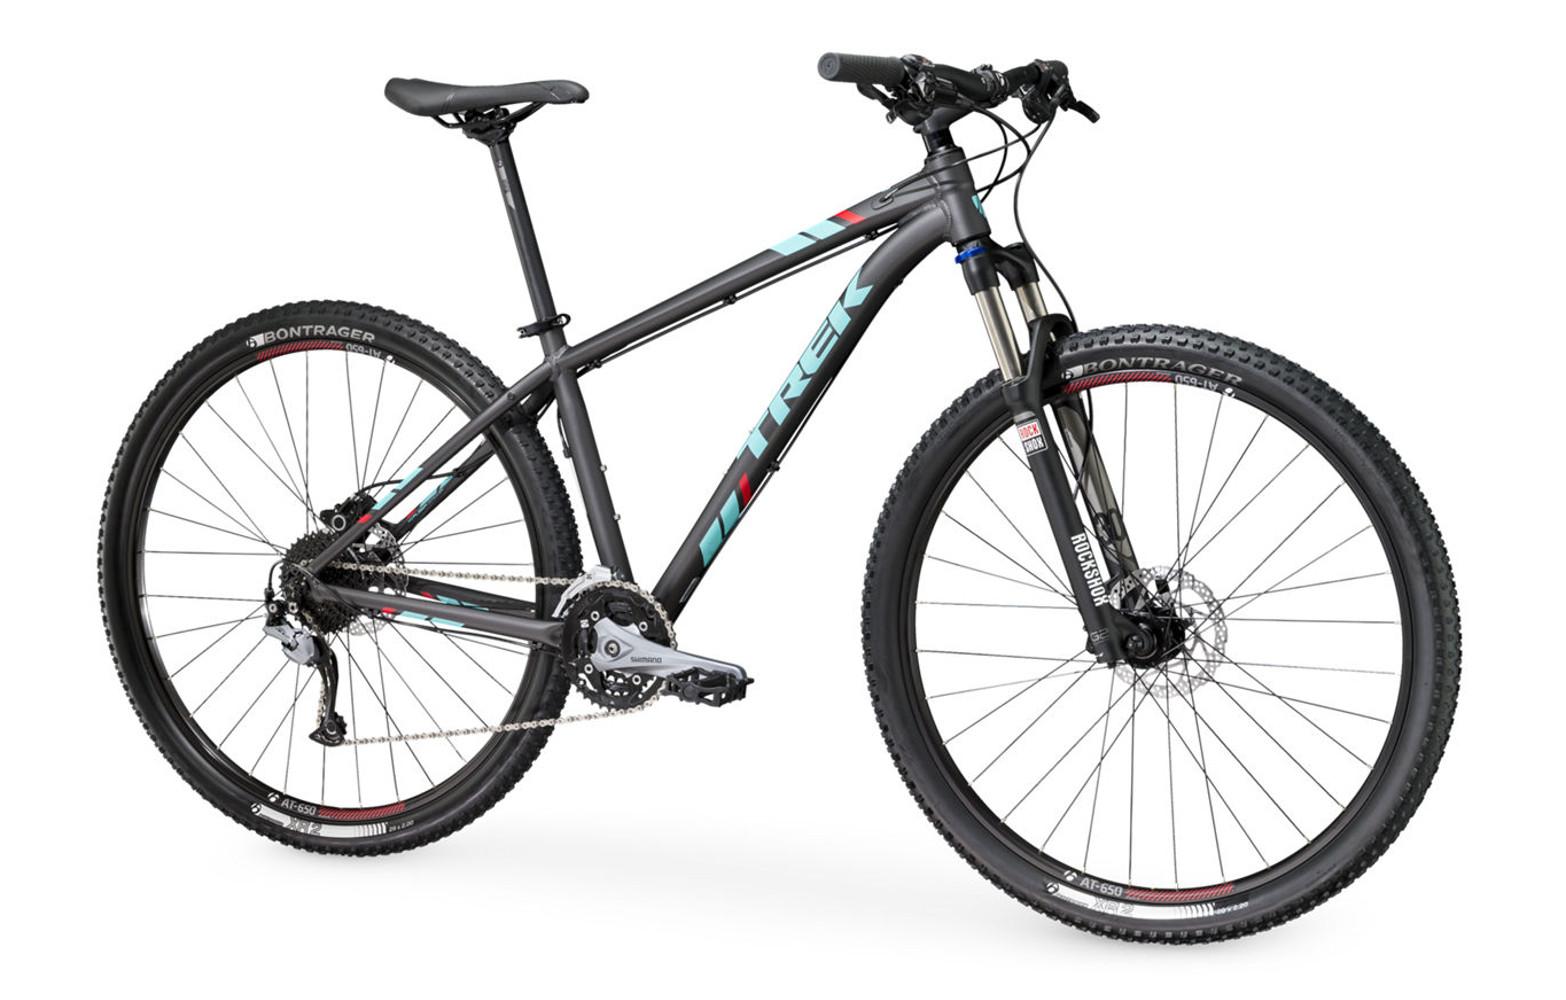 TREK 2016 X-CALIBER 7 27.5'' Hardtail Bike Black